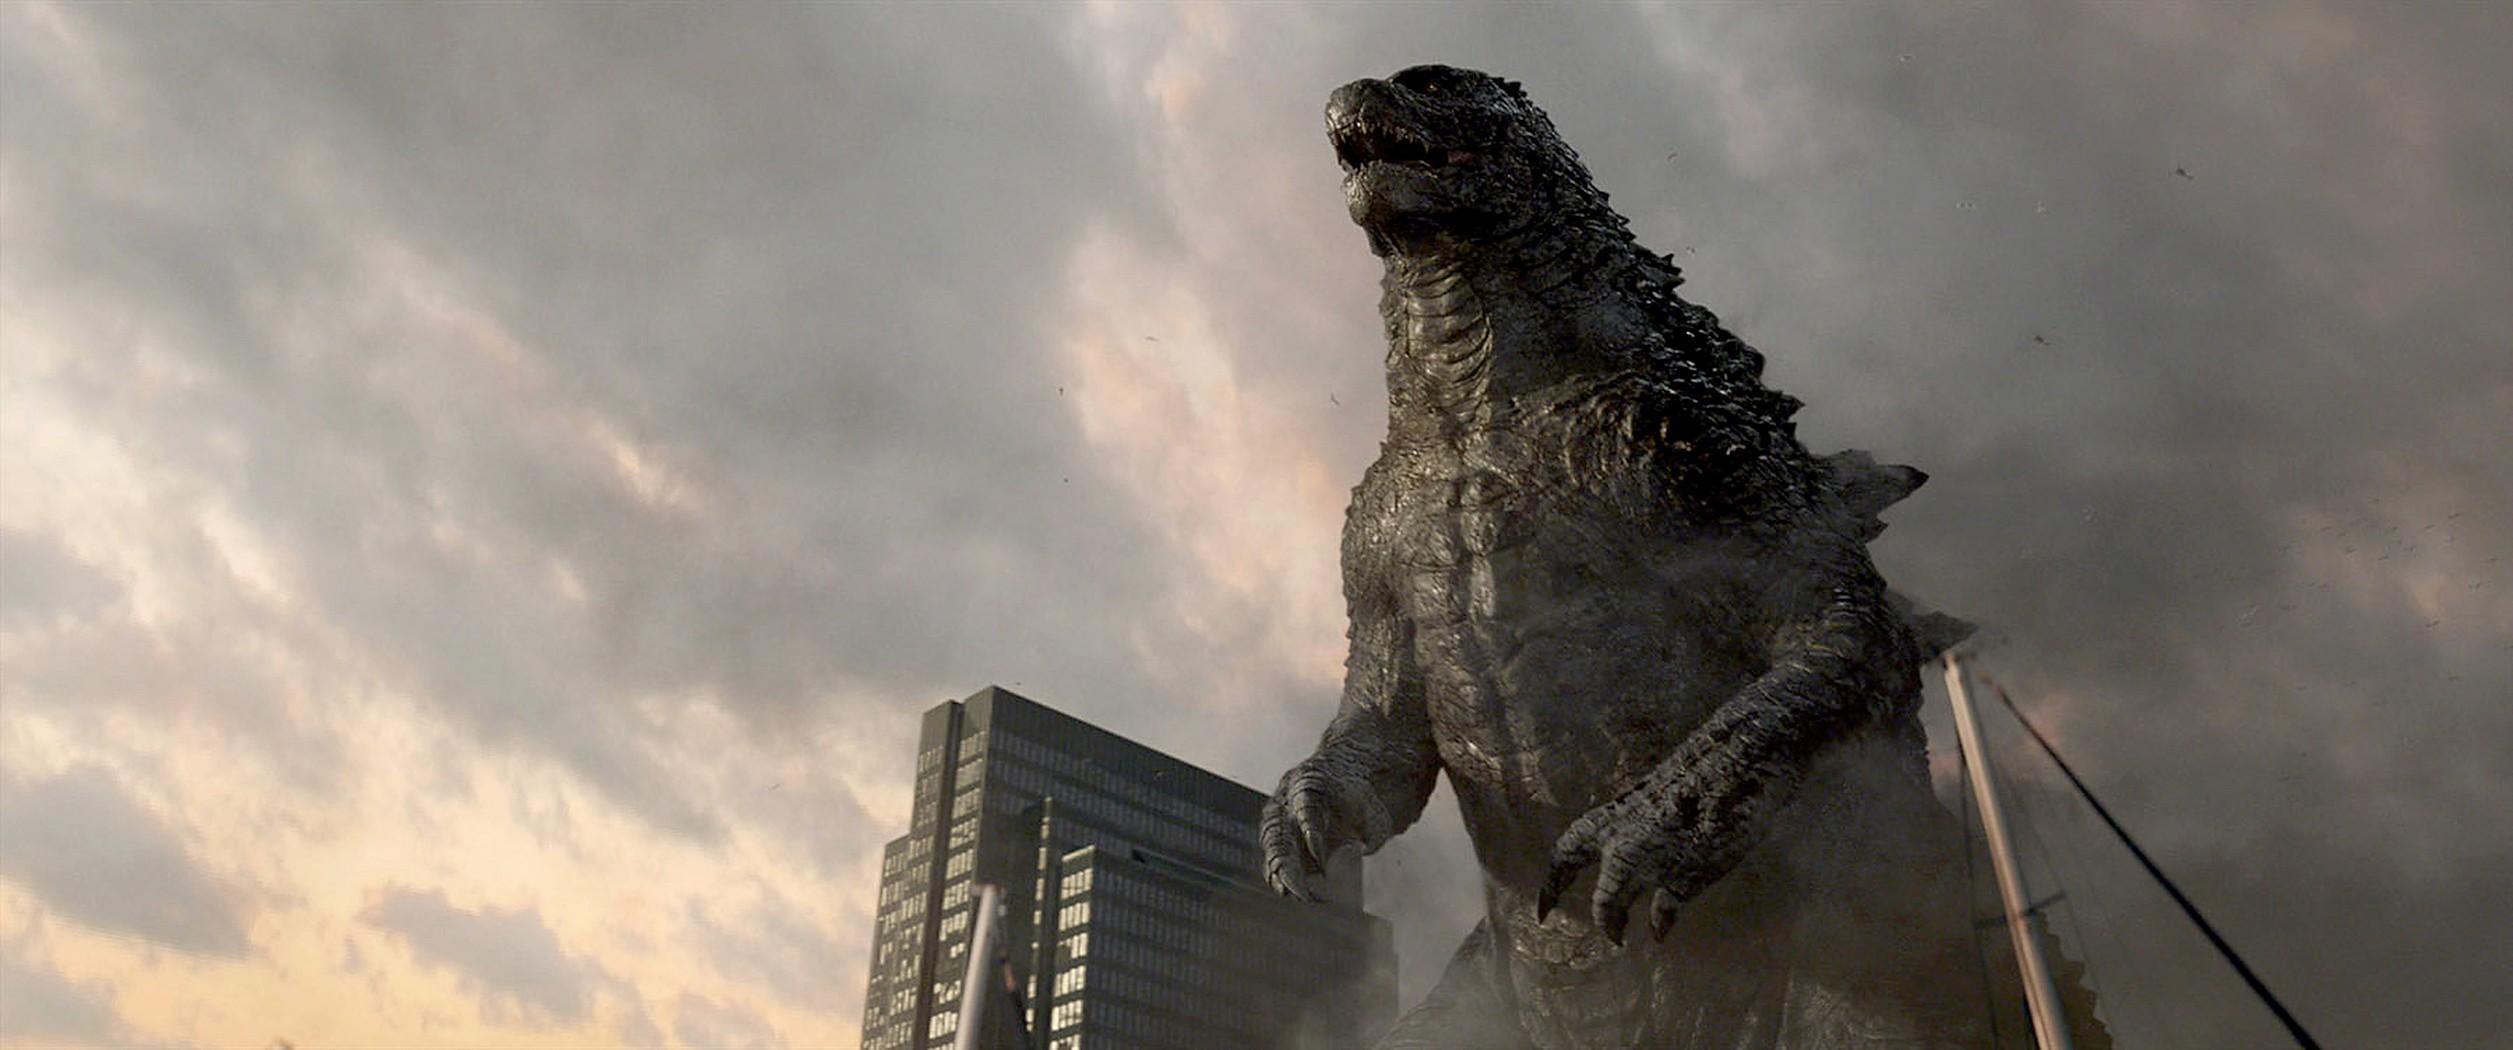 Godzilla - twórcy filmu korzystali z rad ekspertów od zarządzania kryzysowego